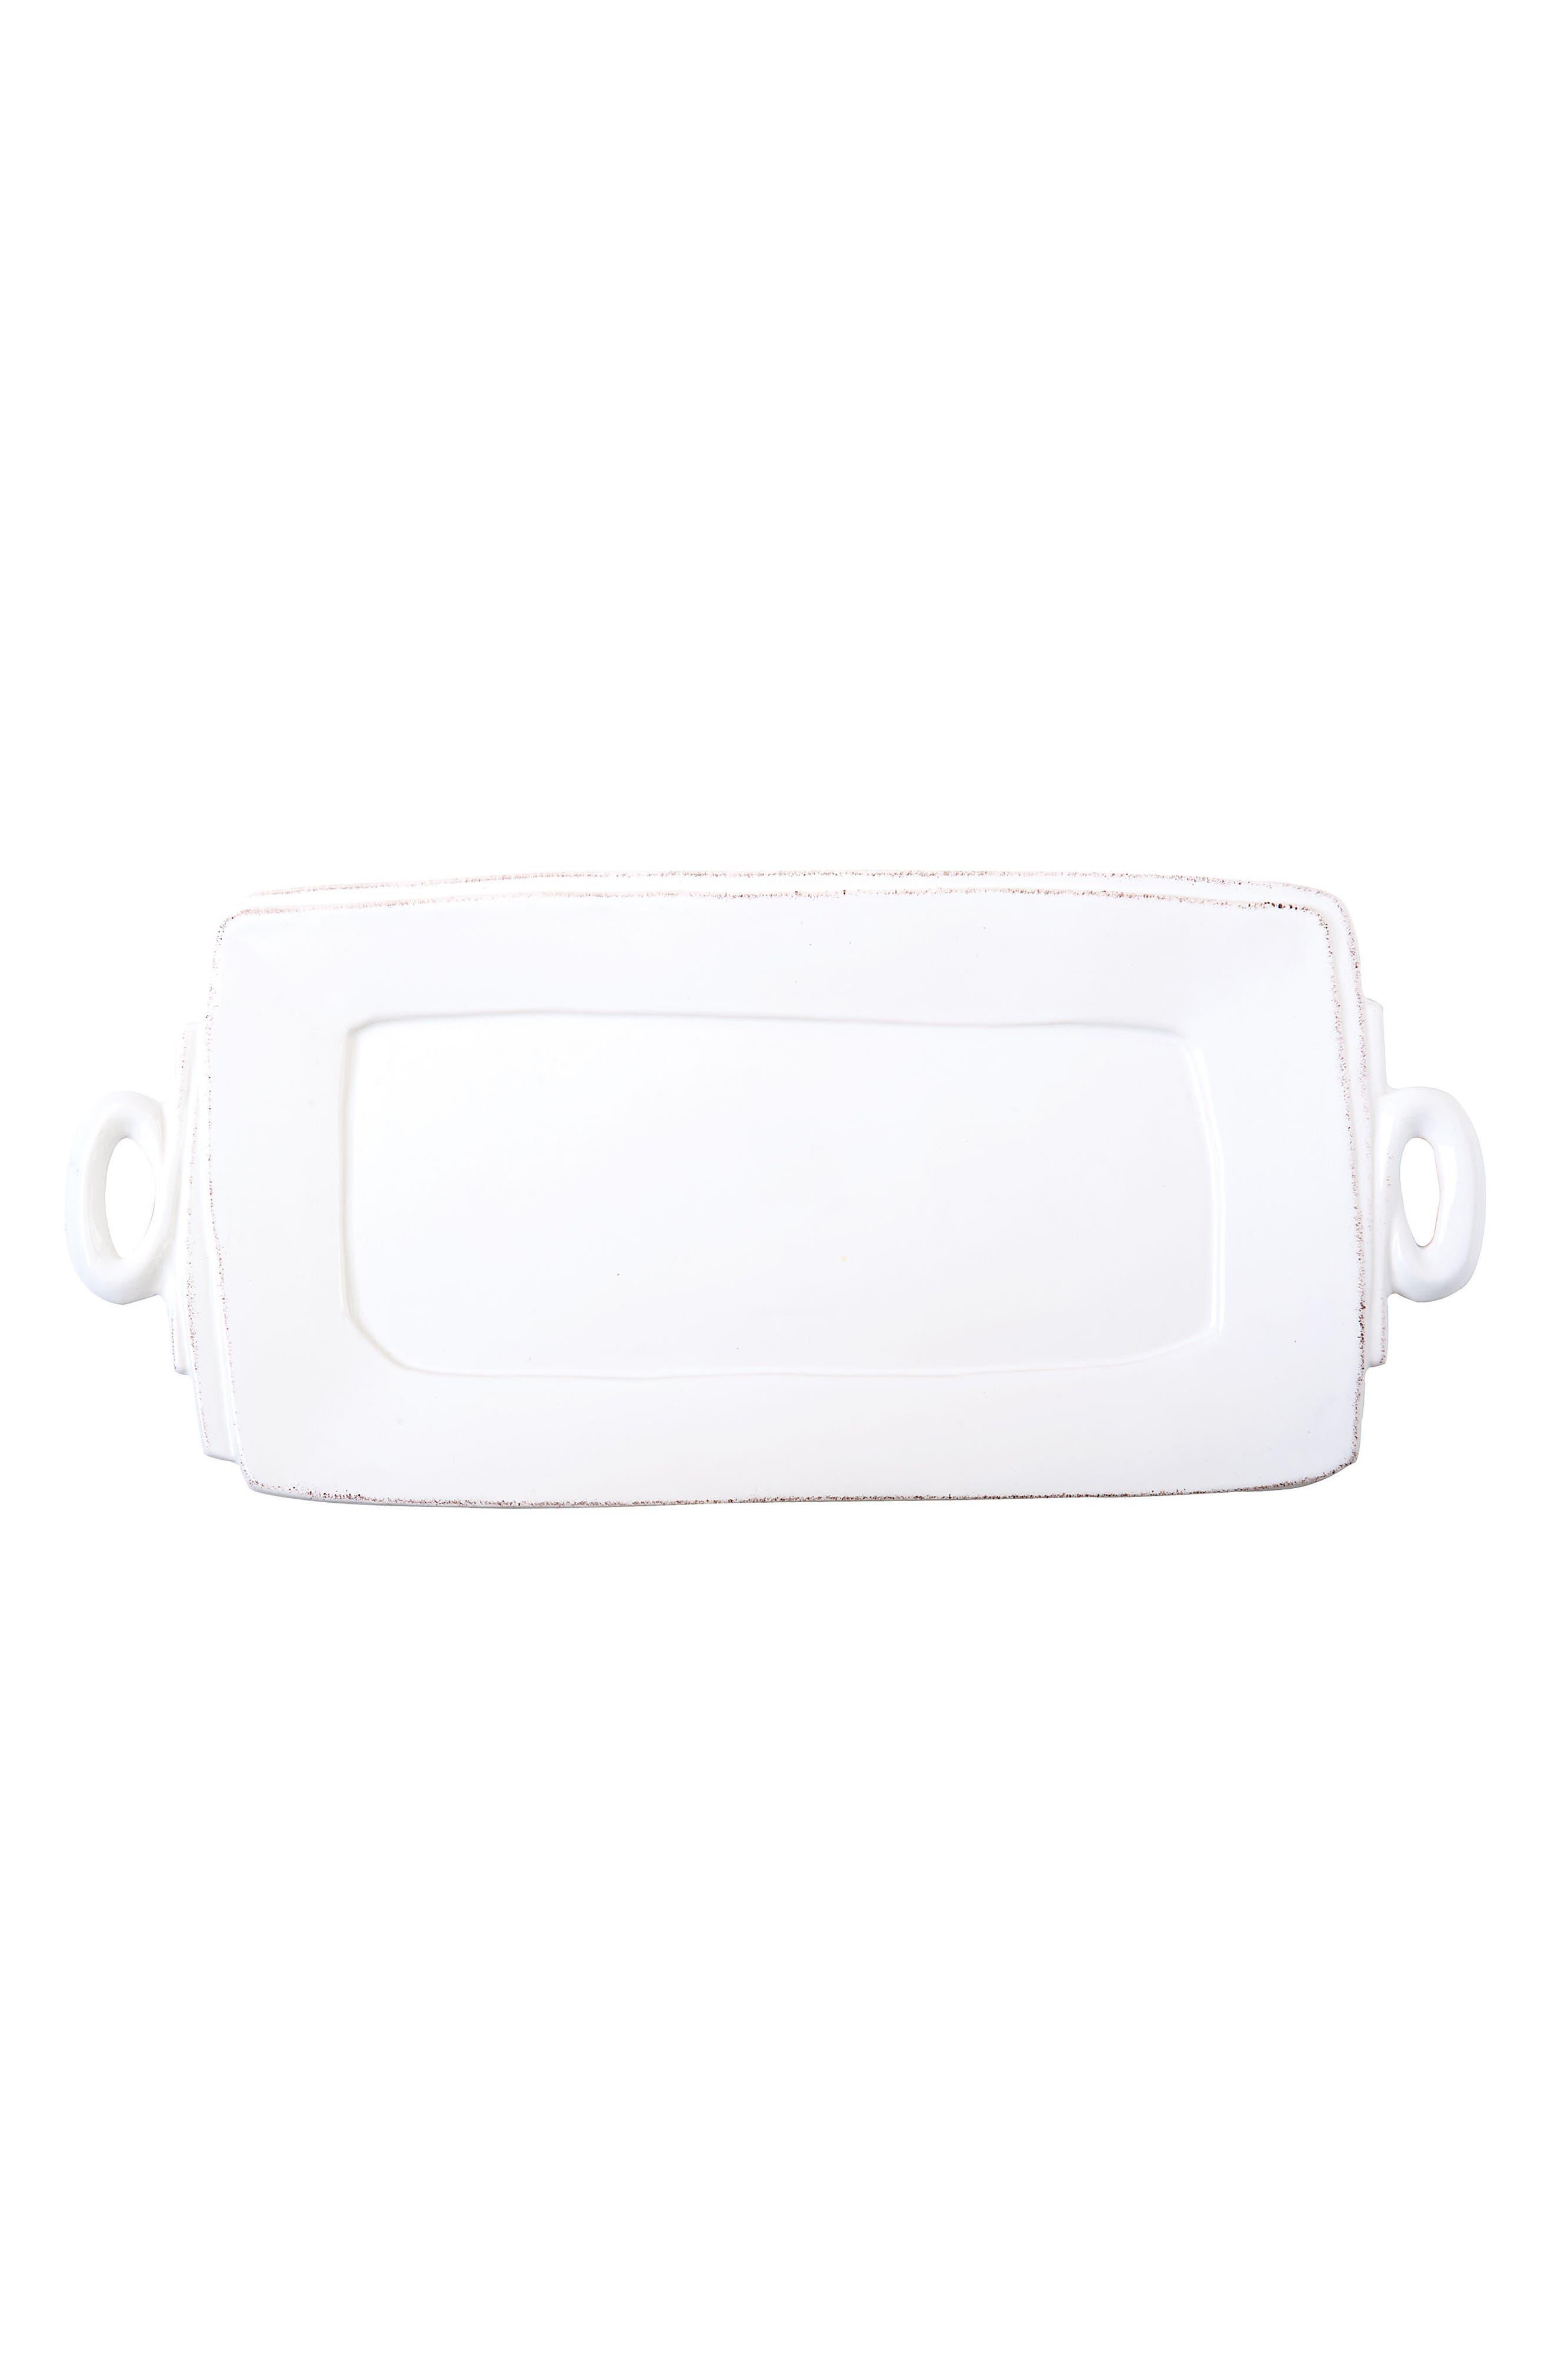 Lastra Handled Rectangular Platter,                         Main,                         color, White